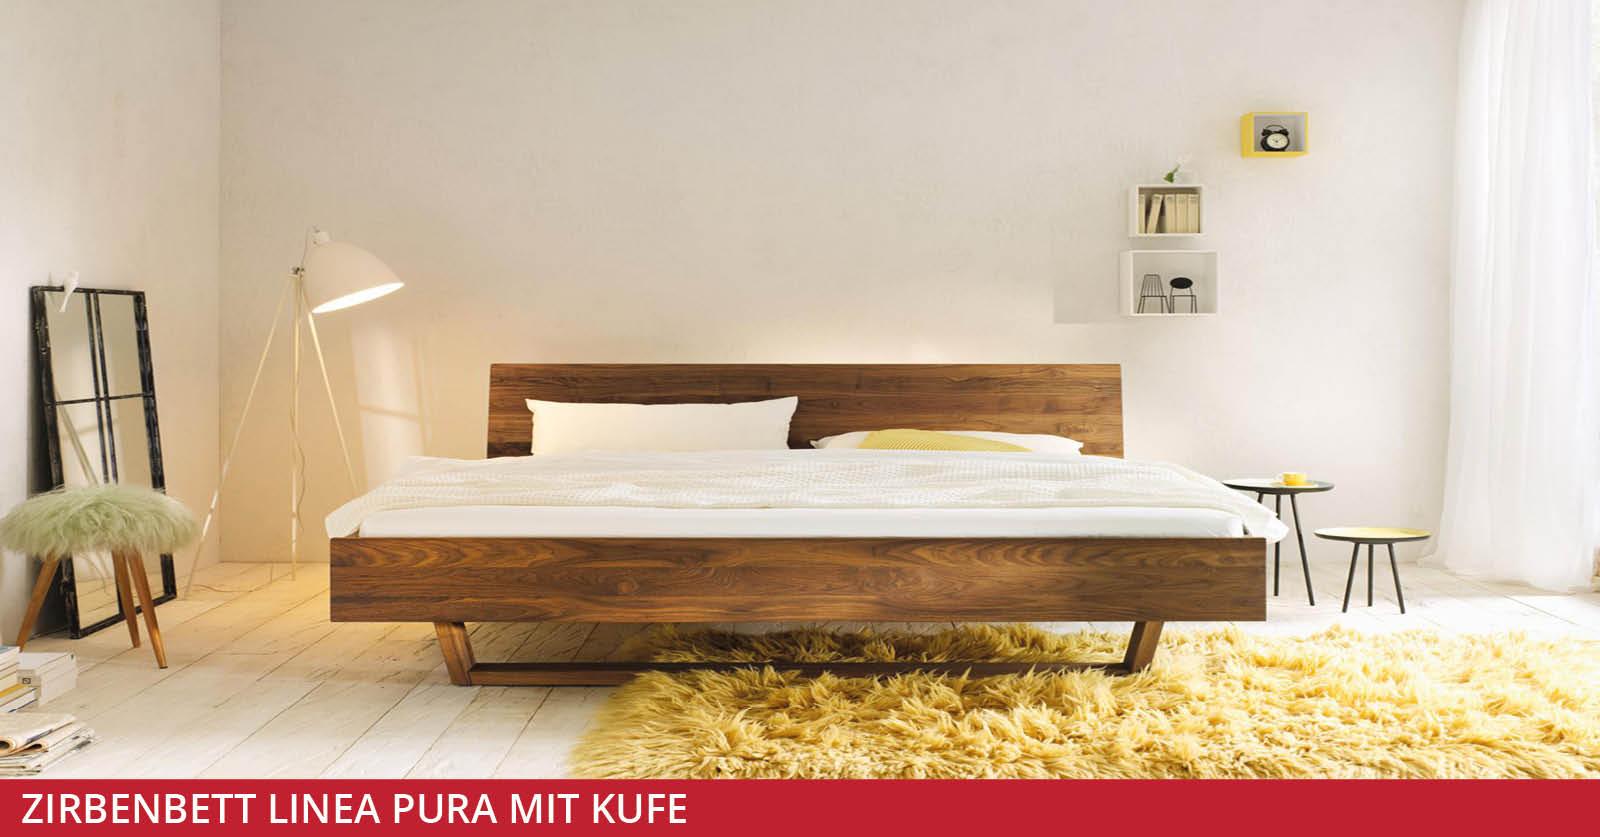 Zirbenbett-Linea-Pura-mit-Kufe